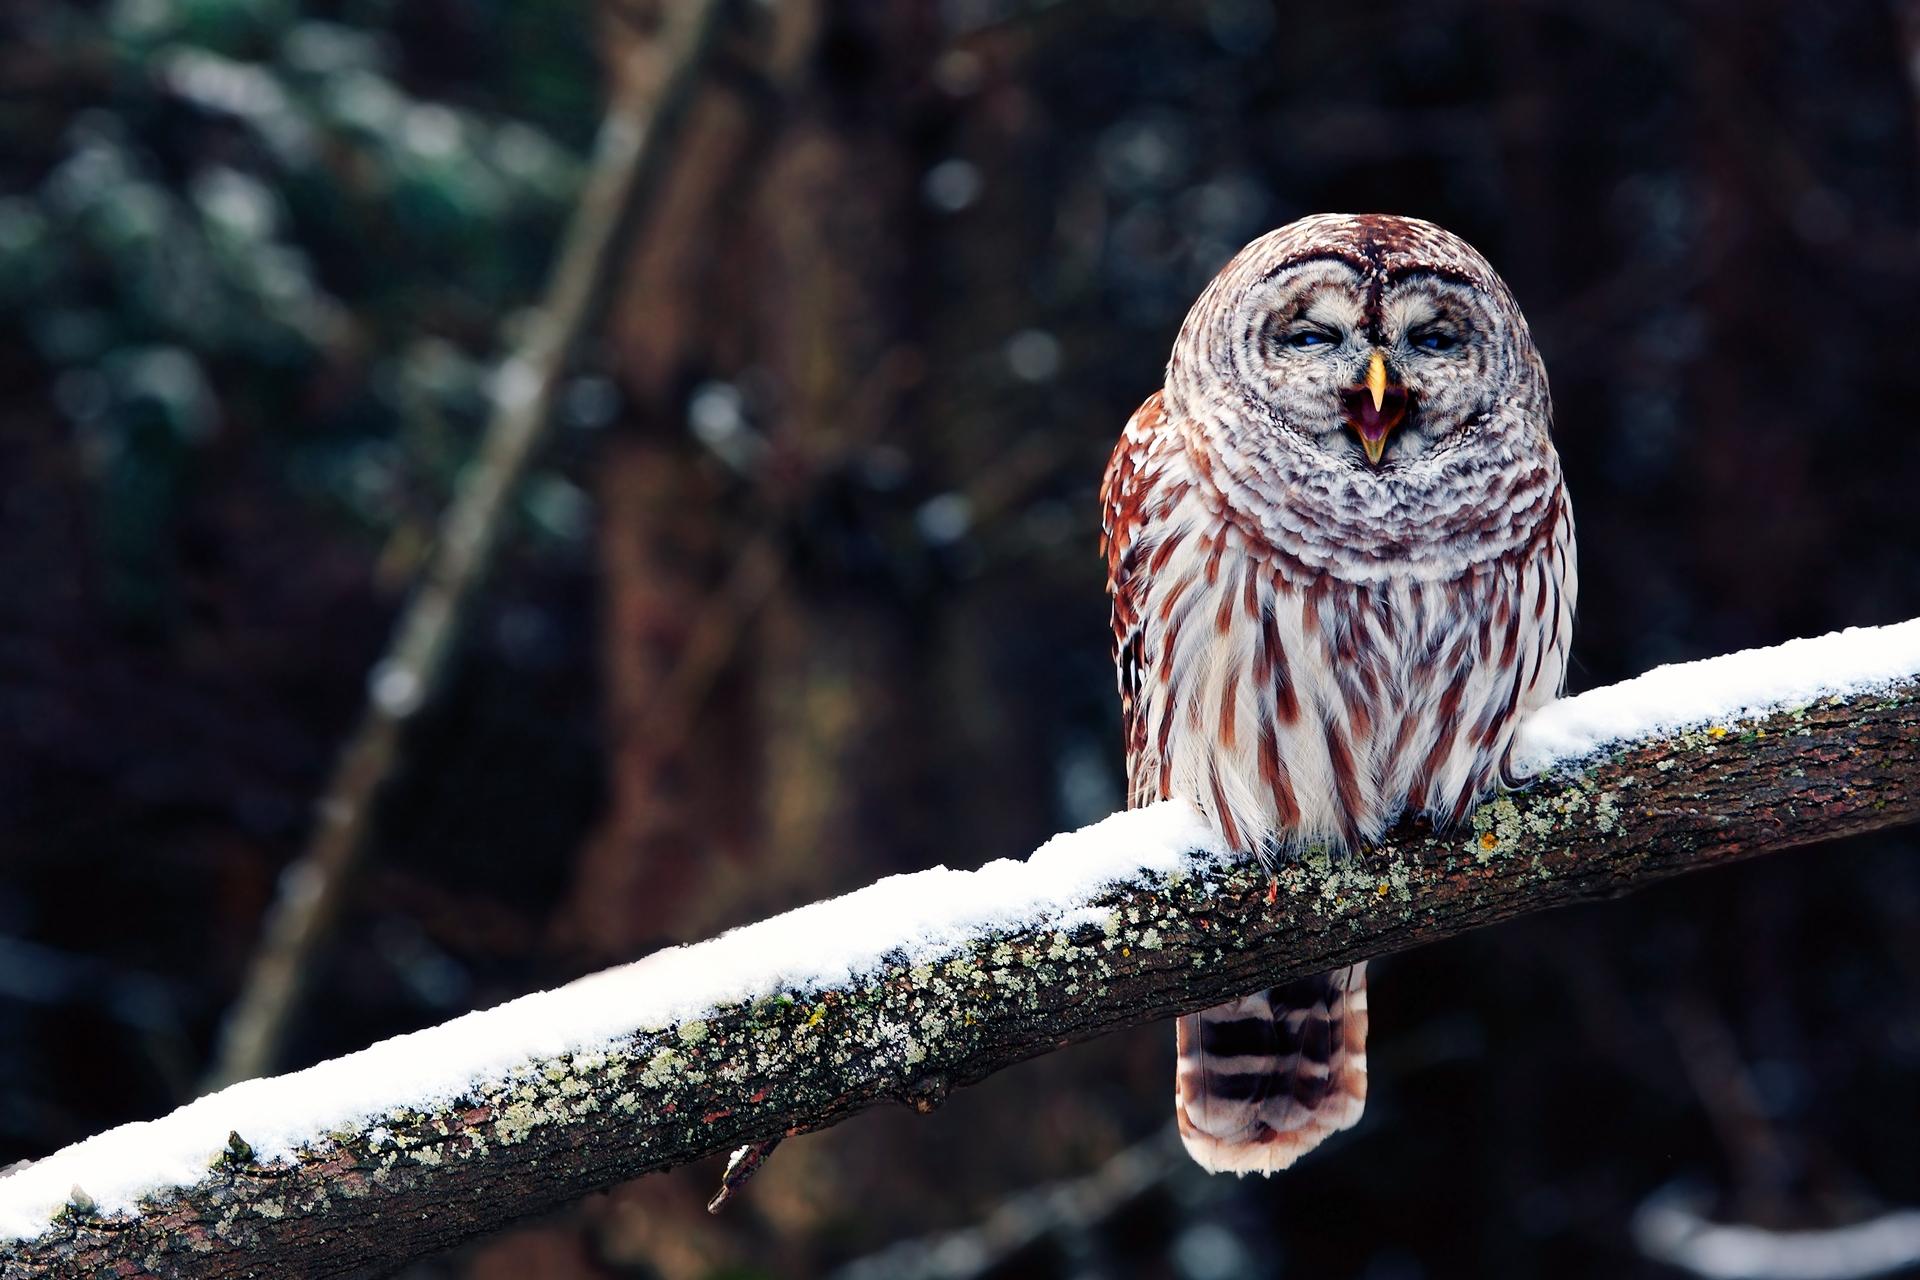 57627 Hintergrundbild herunterladen Eule, Tiere, Schnee, Vogel, Sitzen, Ast, Zweig, Raubtier, Predator - Bildschirmschoner und Bilder kostenlos